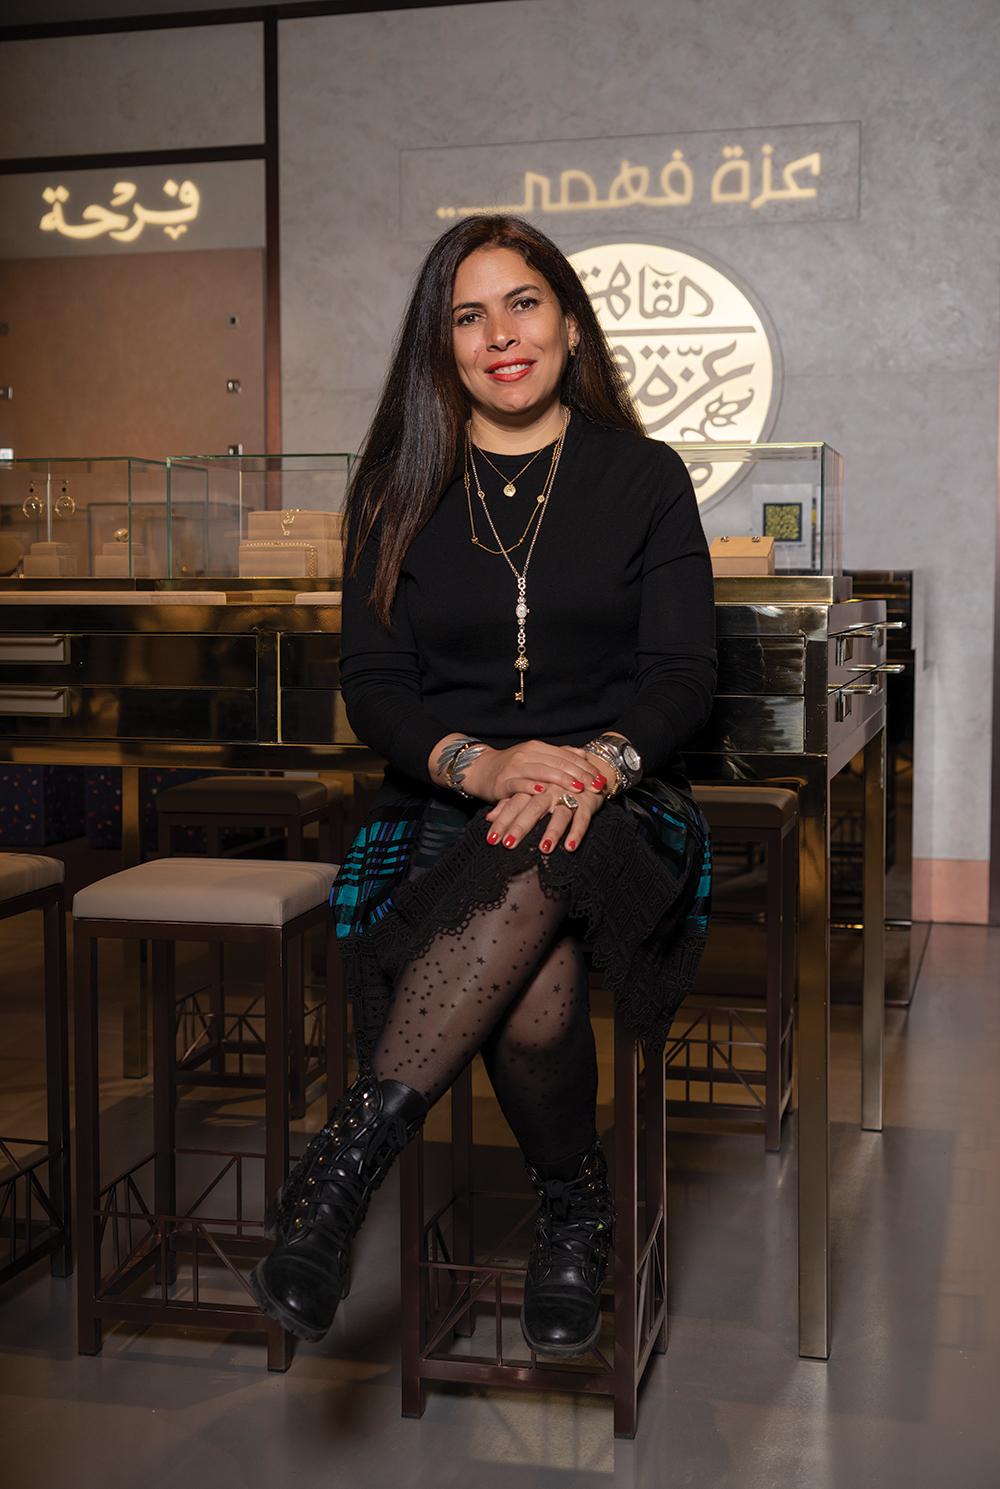 فاطمة غالي، الرئيسة التنفيذية لمجوهرات عزة فهوي Azza Fahmy